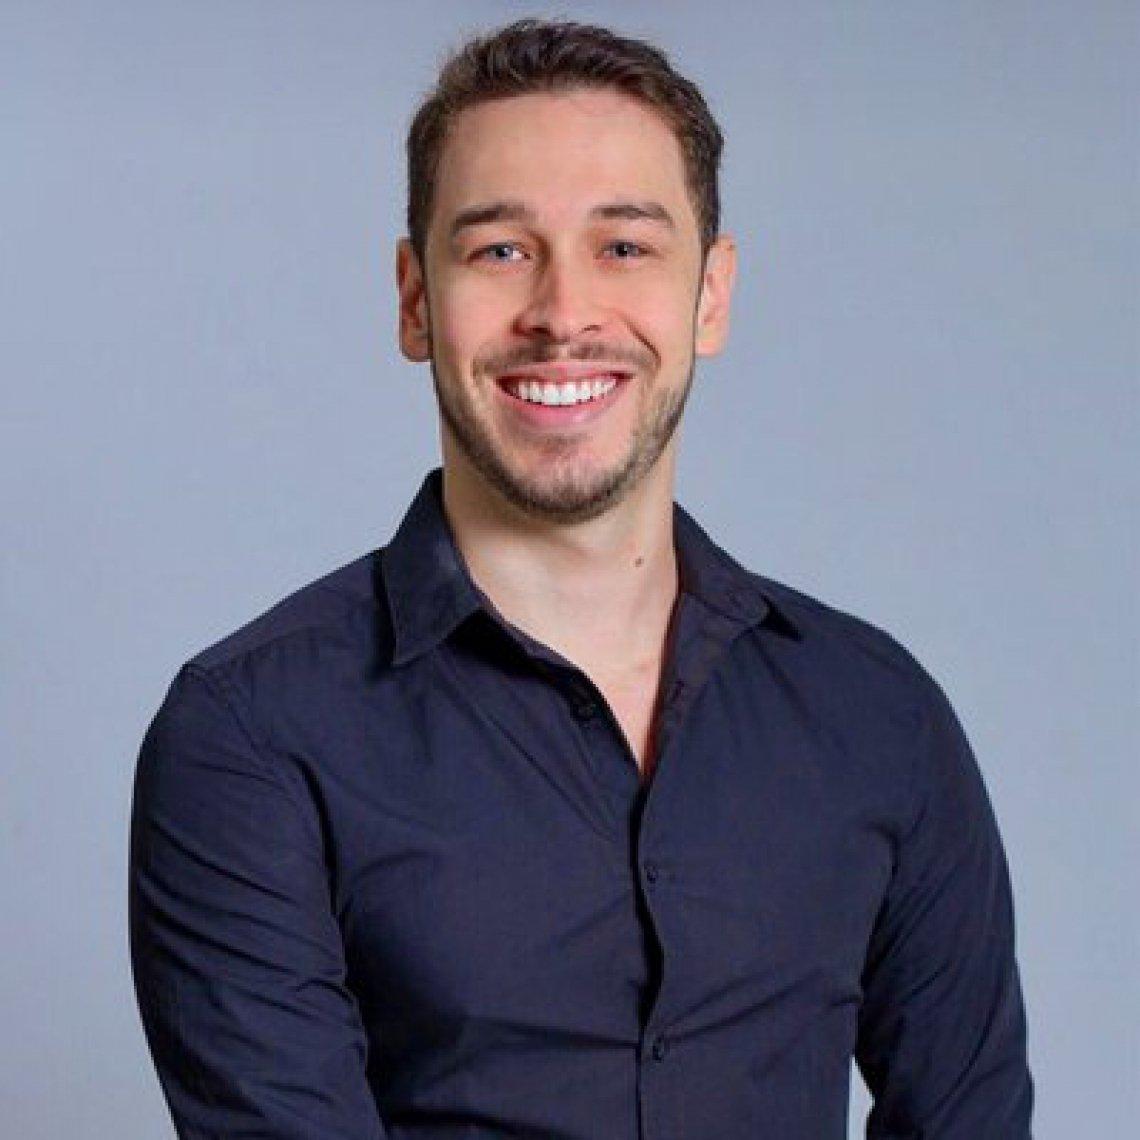 Jornalista André Almeida